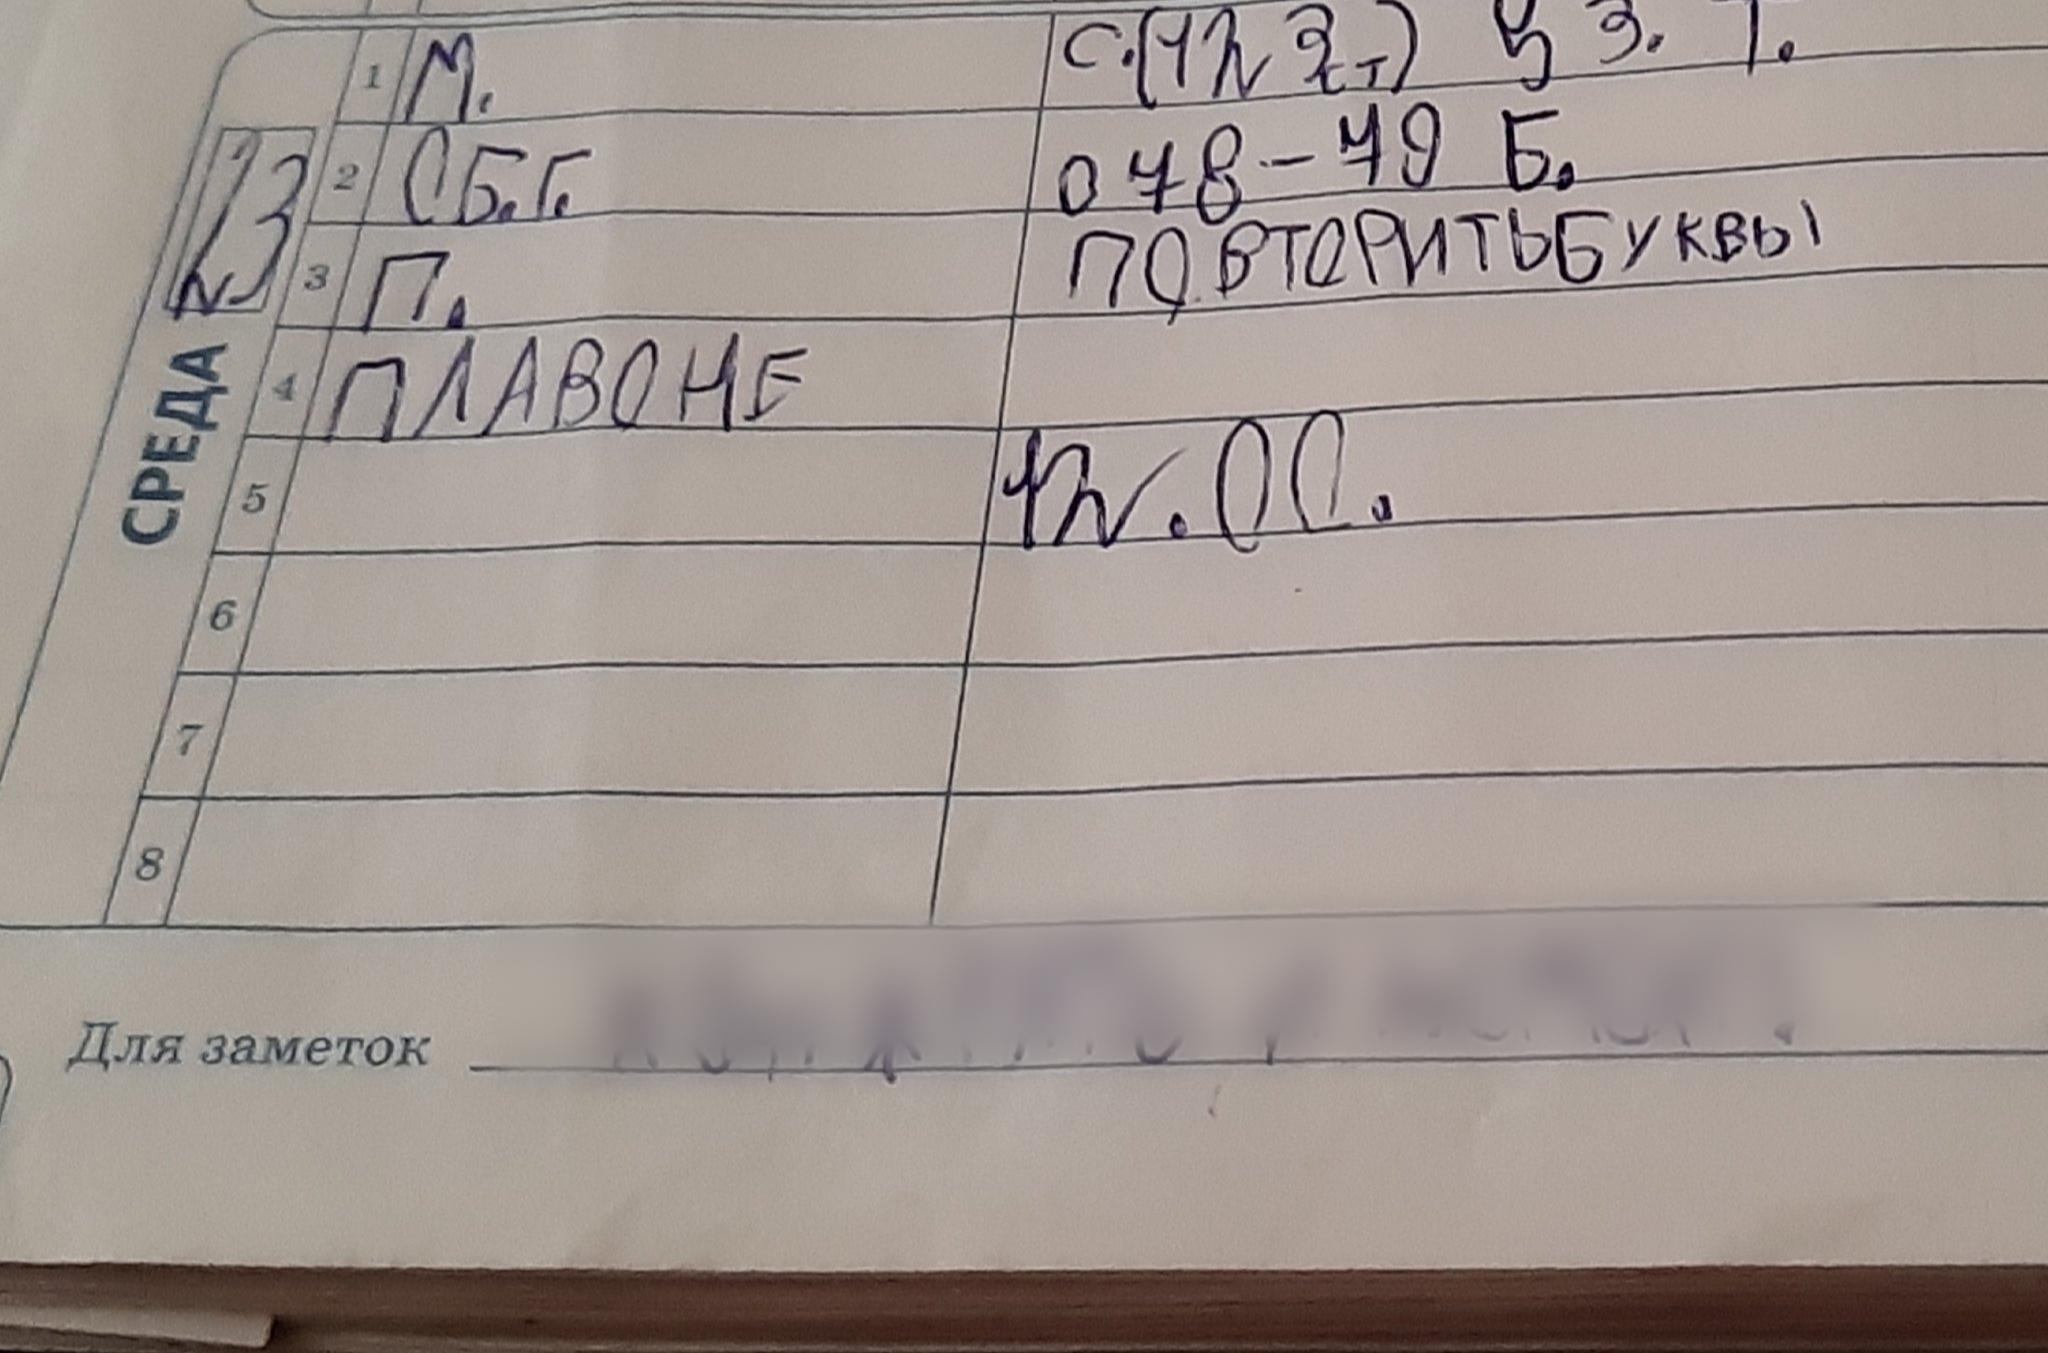 Школьник из Перми насмешил Twitter своим дневником, где графа 'Для заметок' стала его исповедью